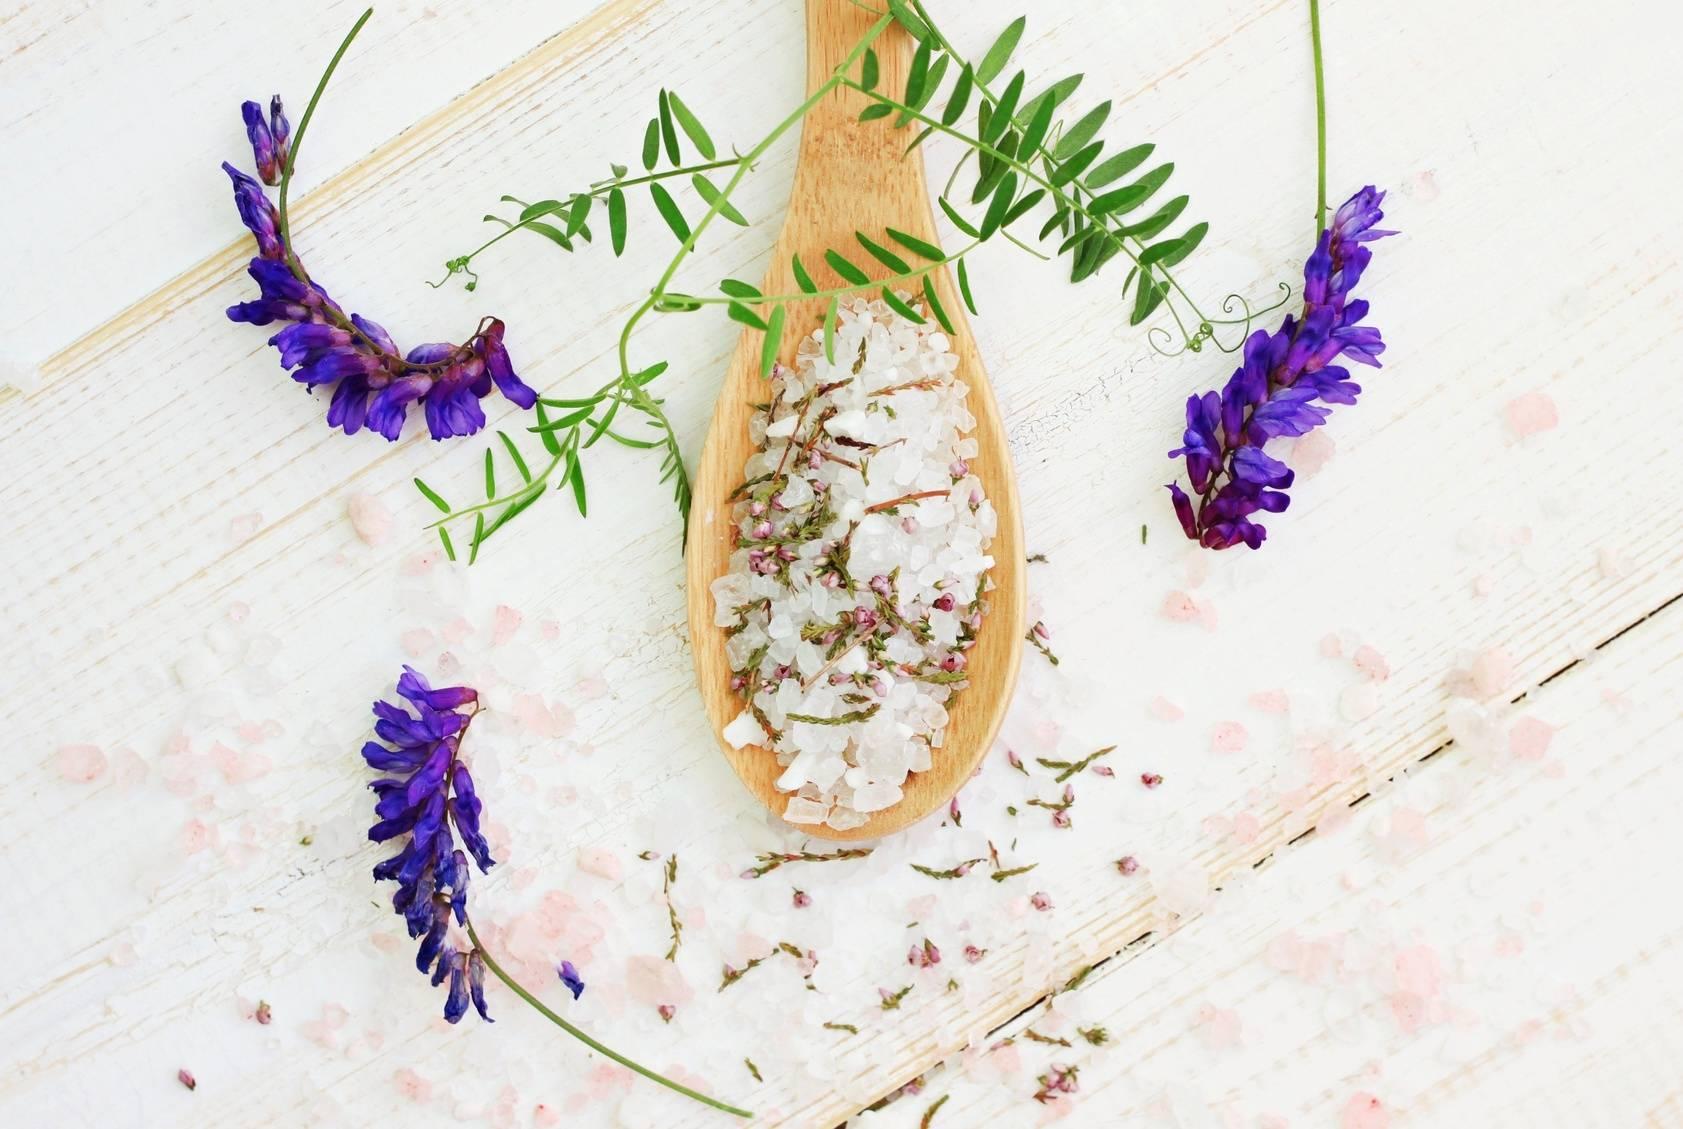 Sól gorzka, sól Epsom do kąpieli i roztworów. 5 sposobów na wykorzystanie soli Epsom. Gruboziarnista sól na drewnianej łyżce, obok leżą liście i fioletowe kwiaty.